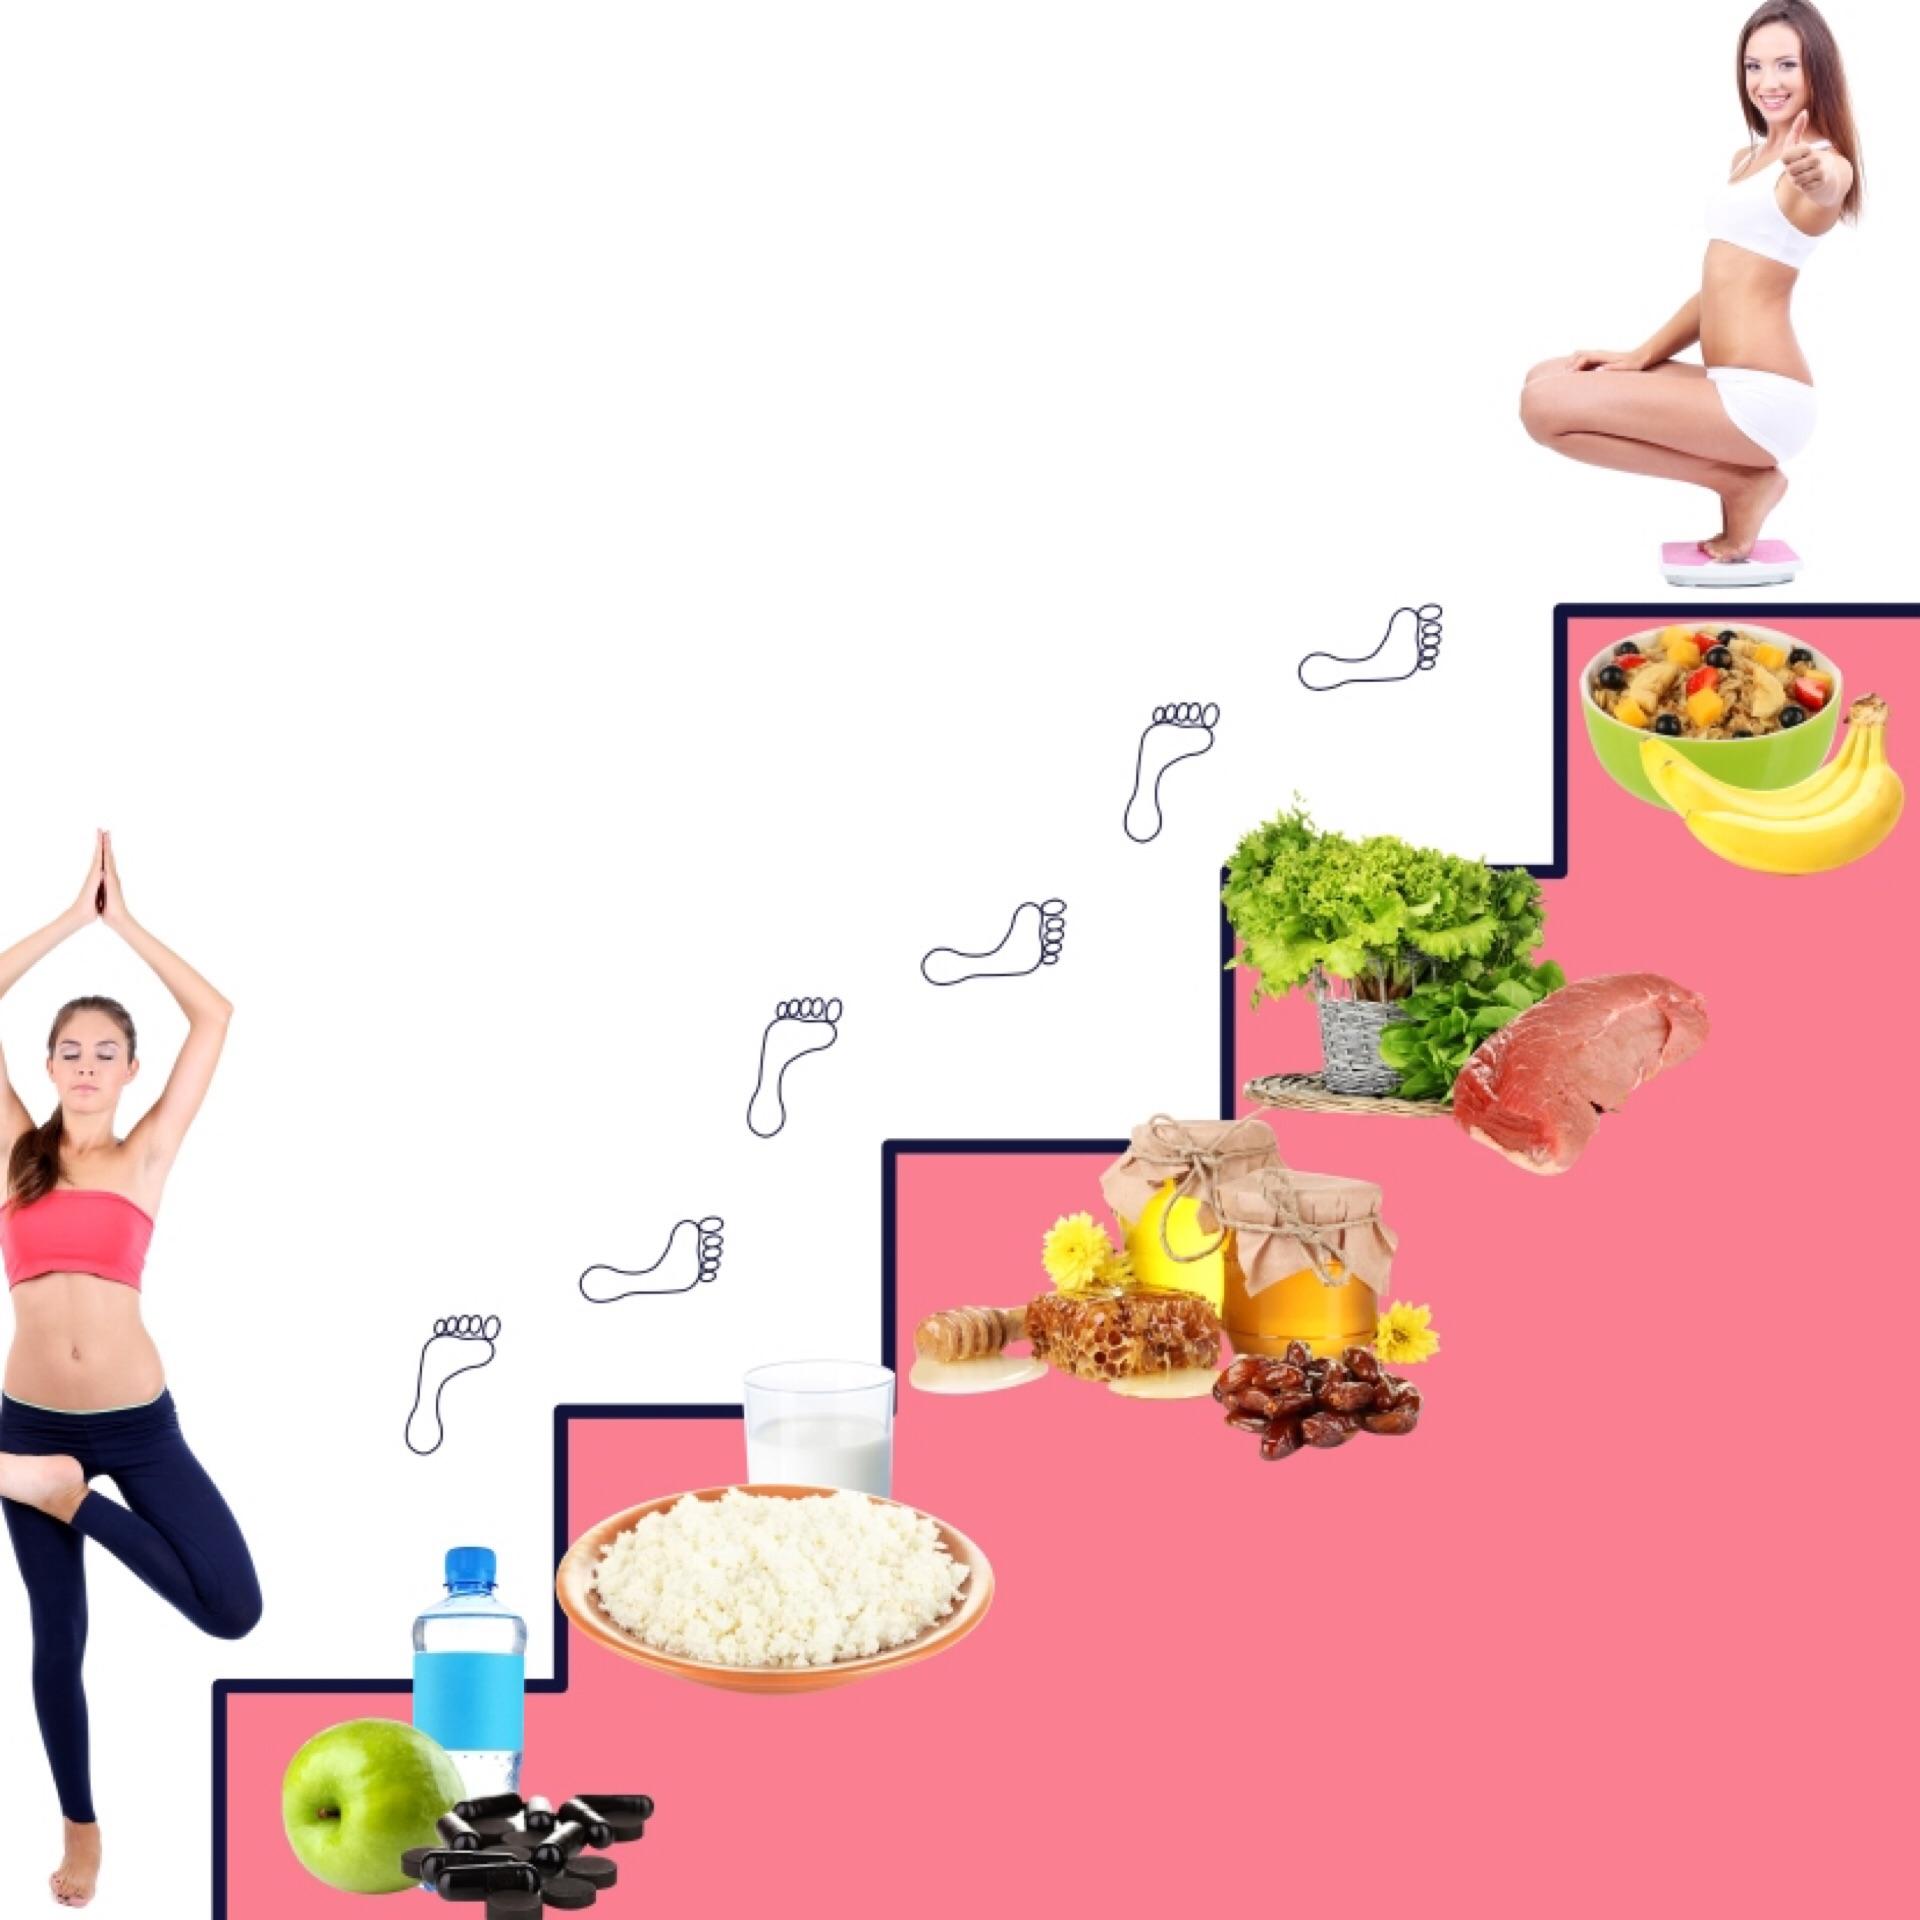 Эффективные Диеты Для Похудения Лесенка. Диета Лесенка. Меню на 5-7-14 дней. Этапы, плюсы и минусы, отзывы врачей, похудевших, фото и результаты